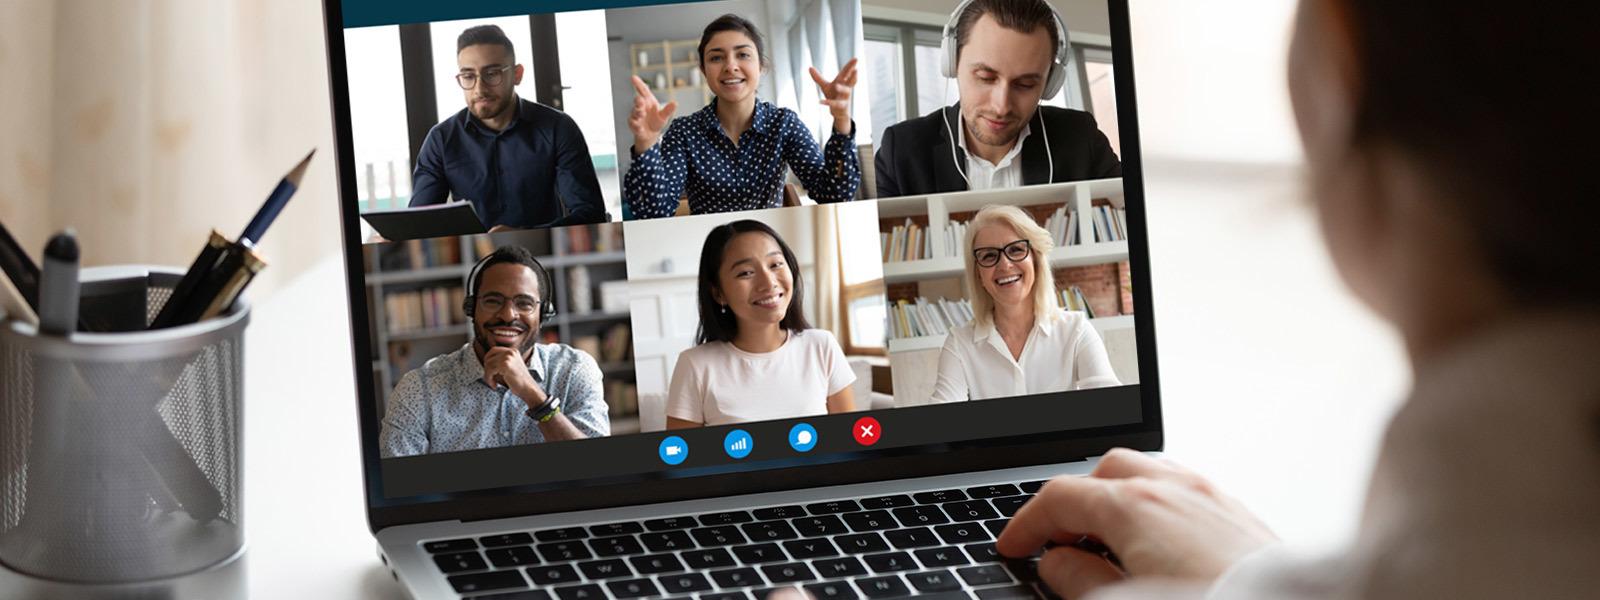 Image d'une femme souriant pendant une réunion virtuelle avec des collègues